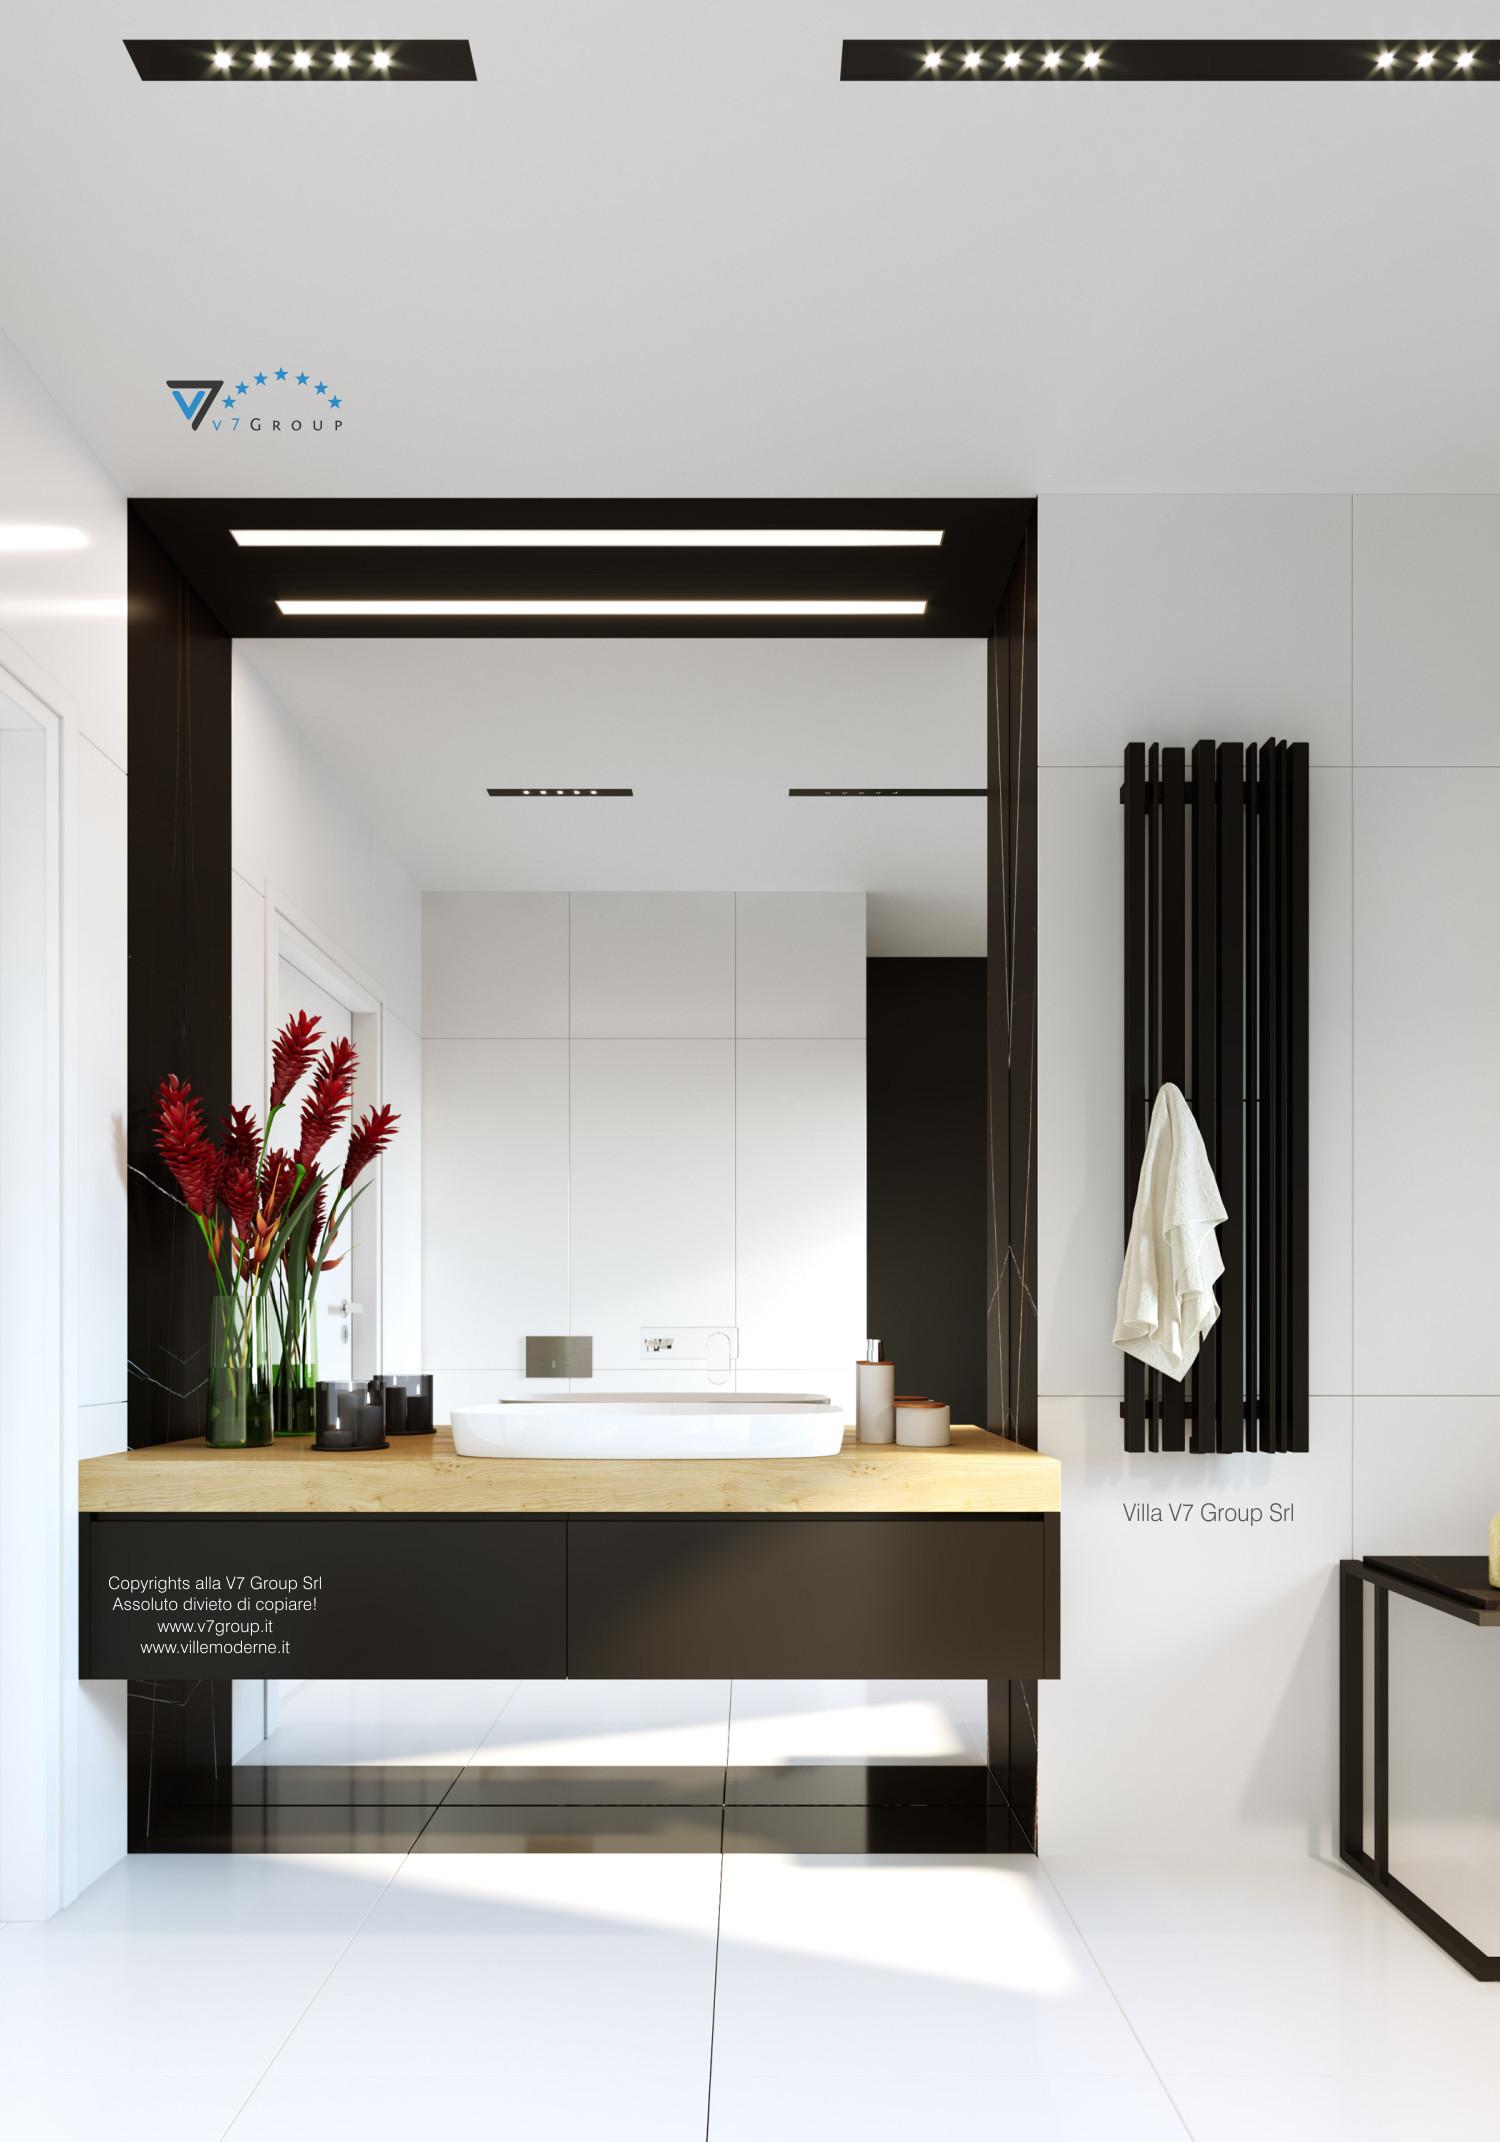 Immagine Villa V55 (progetto originale) - interno 12 - bagno